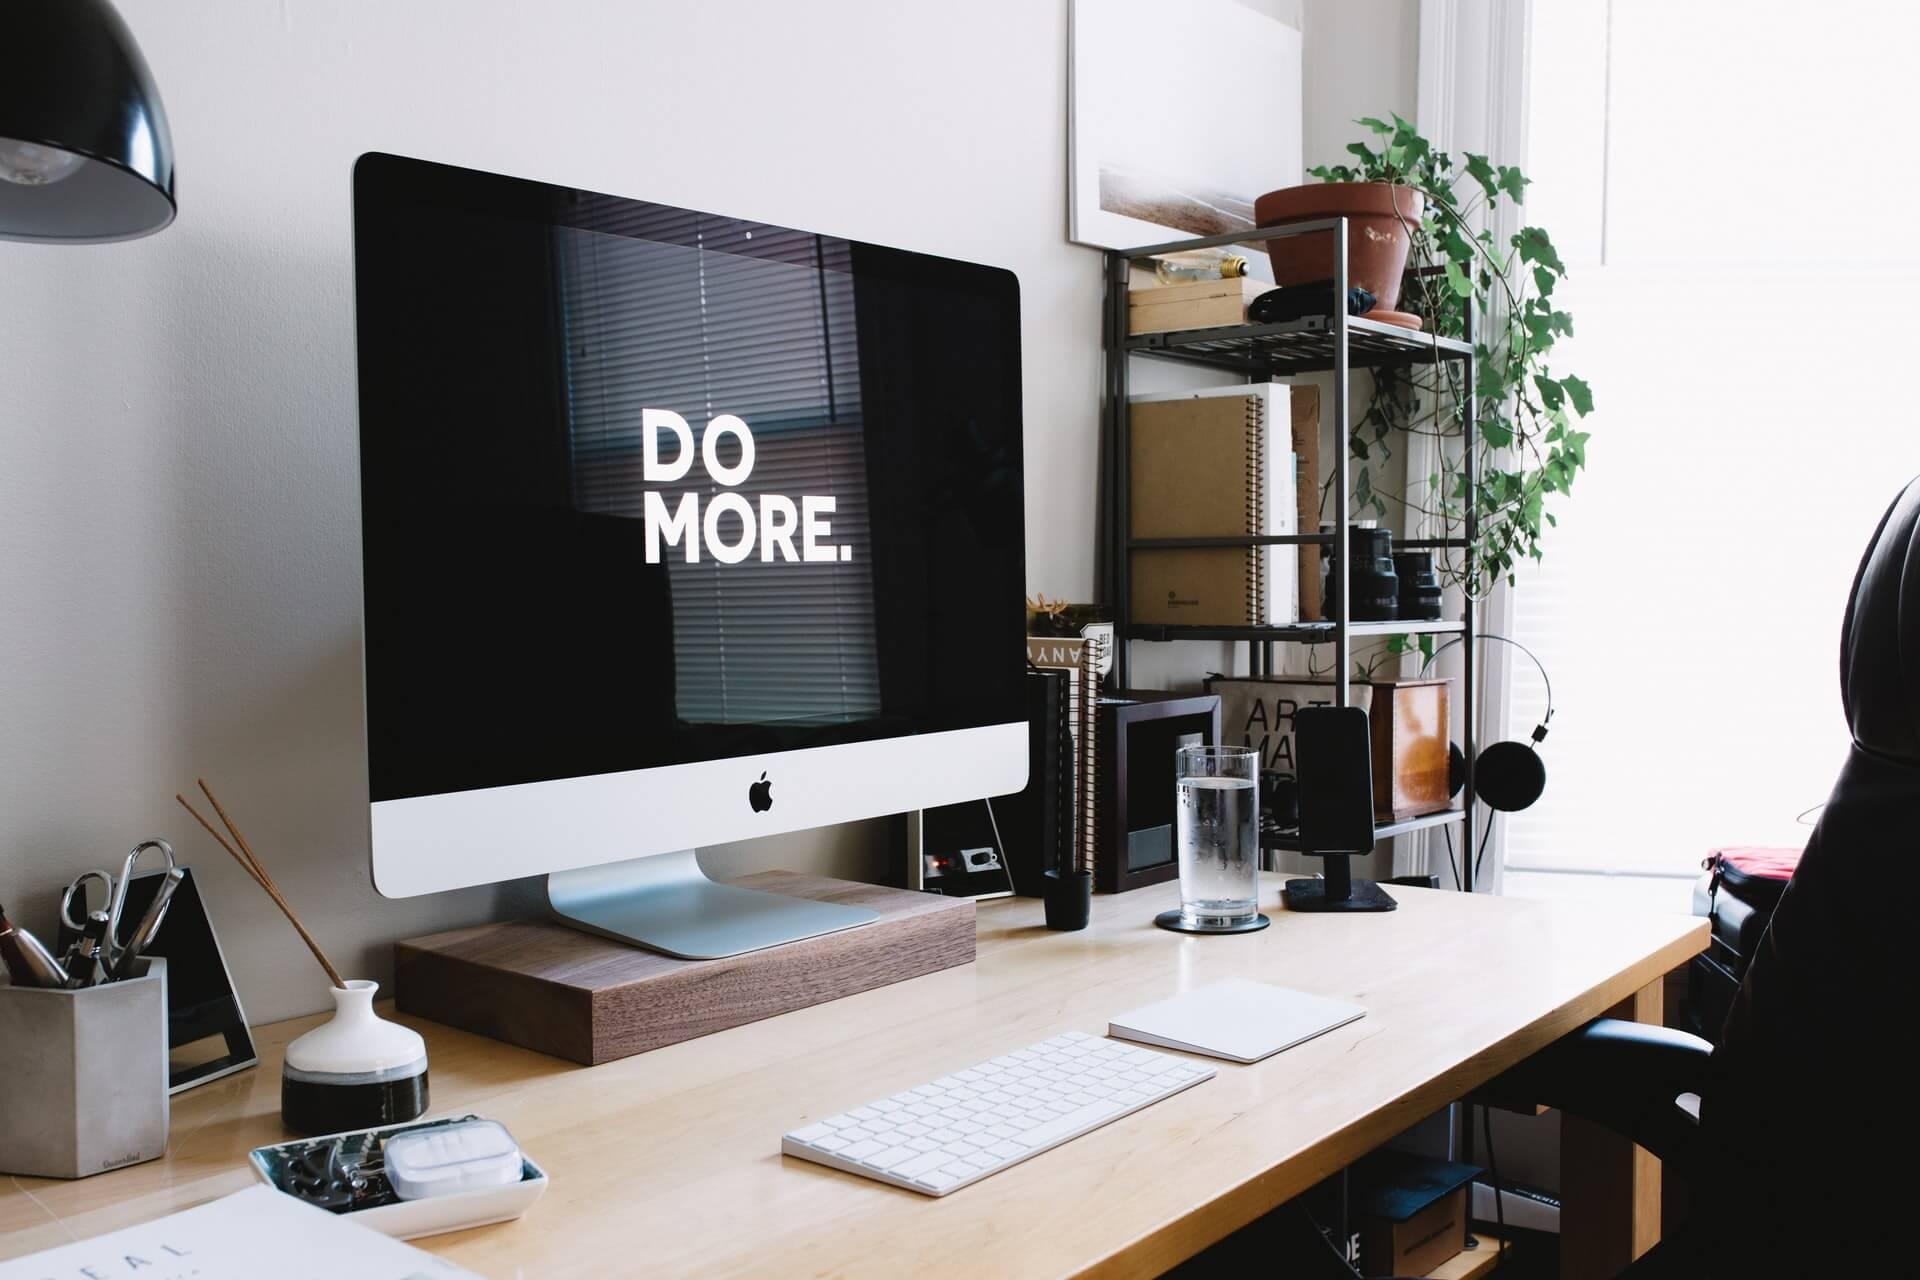 Komputer z hasłem na ekranie możesz więcej